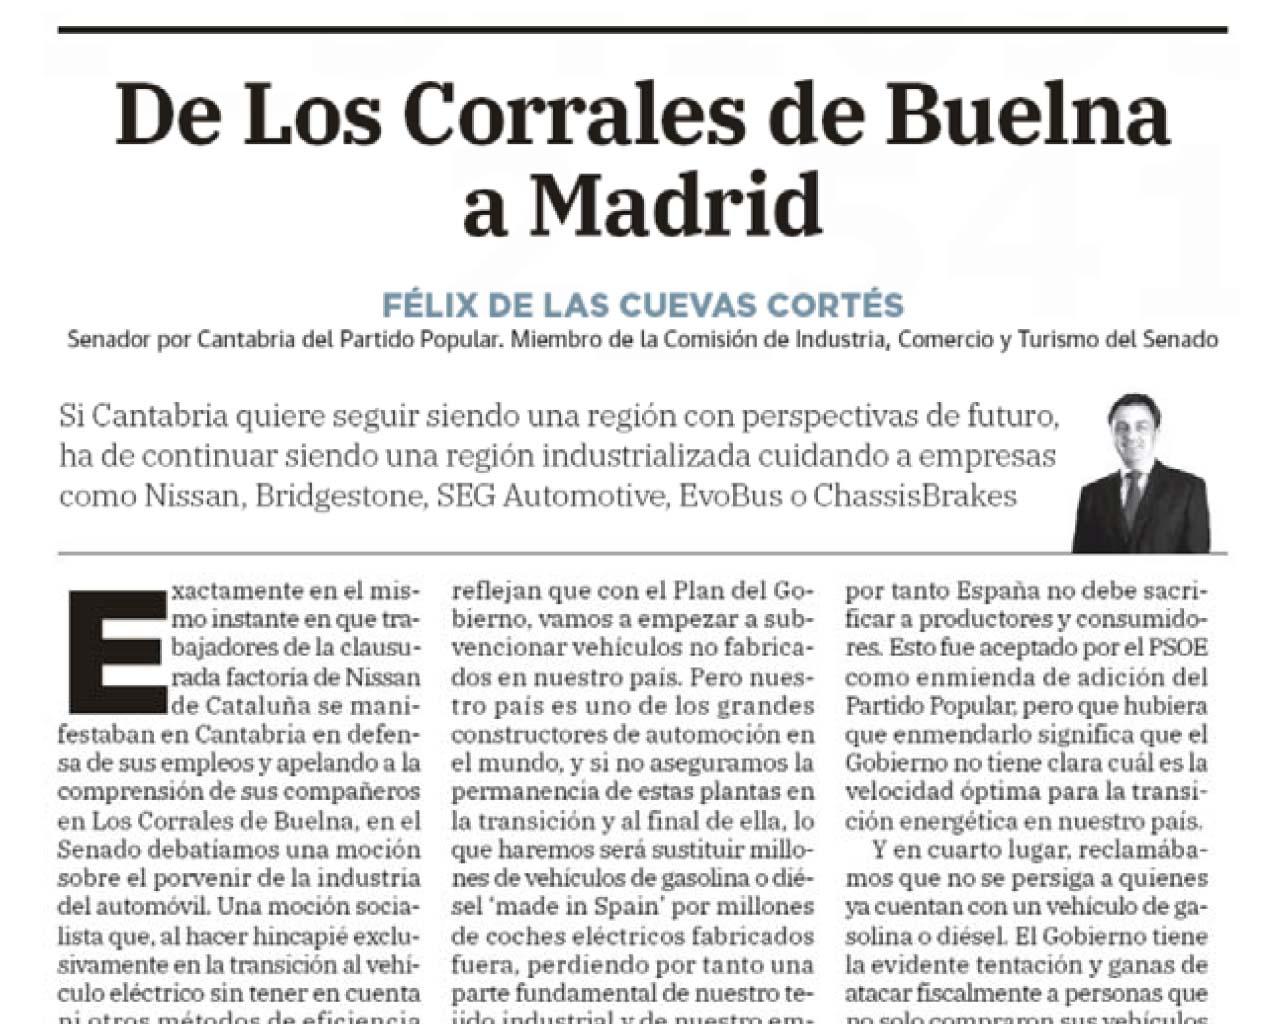 De Los Corrales de Buelna a Madrid